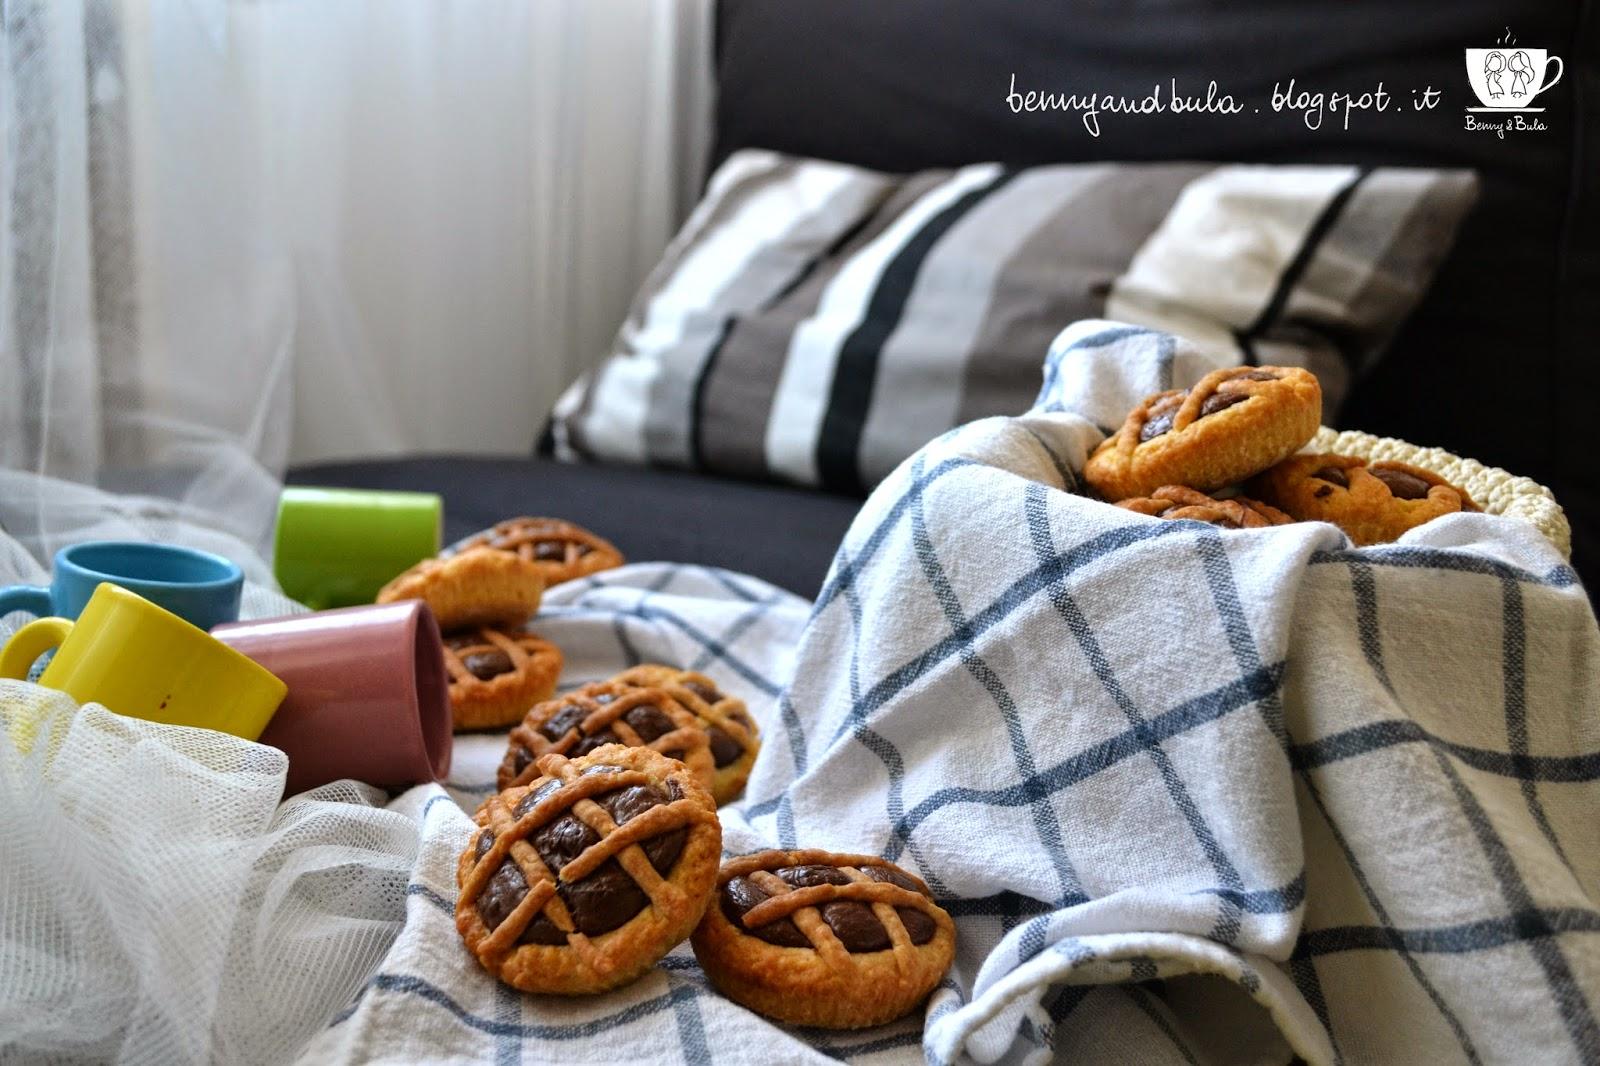 ricetta crostatine alla nutella, pasta frolla per crostata con crema cioccolato e nocciole/ chocolate nutella mini tarts recipe